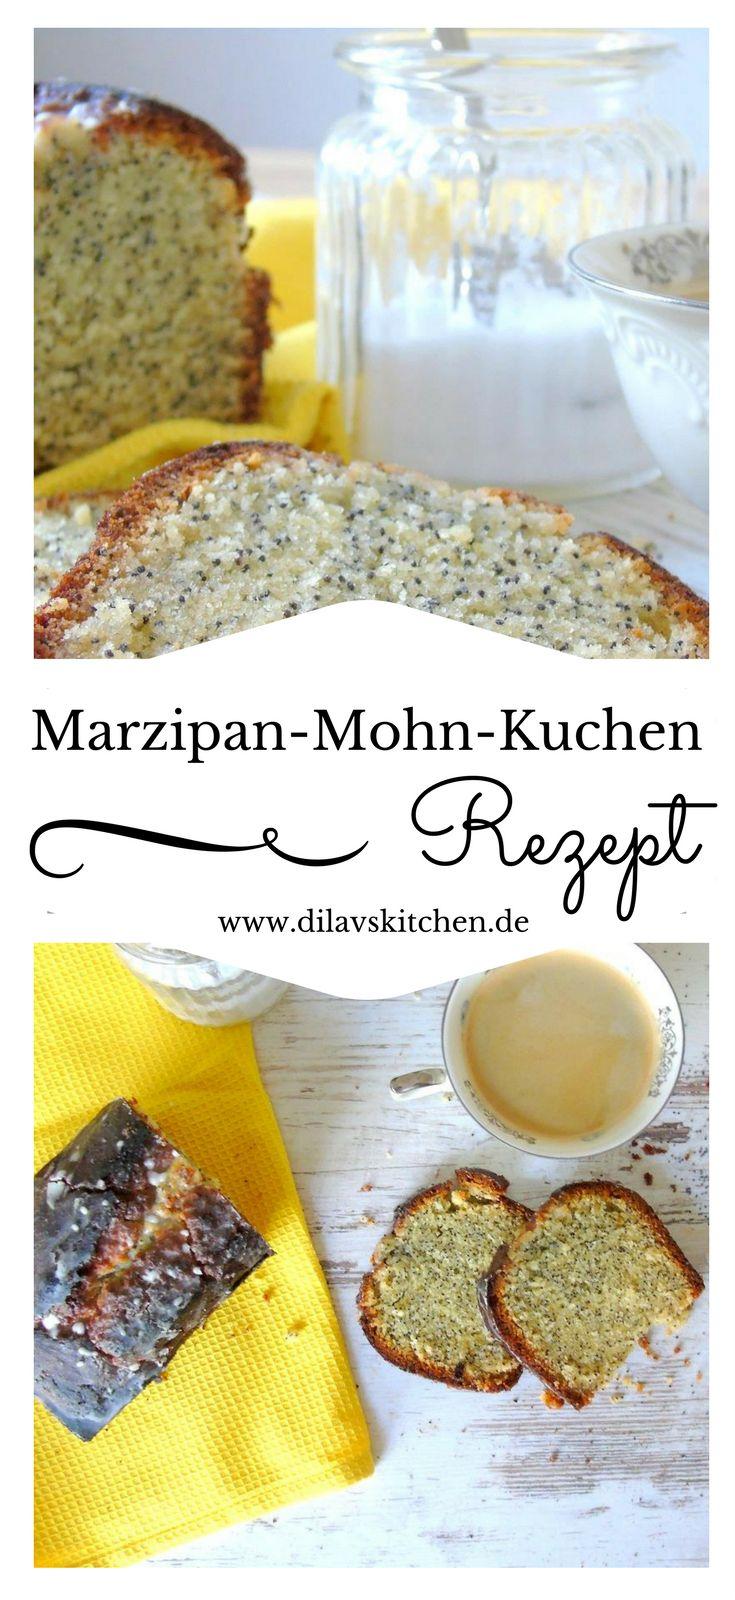 Marzipan trifft auf Mohn, trifft auf Zitrone. Ein leichter Kuchen für Frühlung und Sommer, der garantiert jedem schmeckt. Hol dir das Rezept auf meinem Foodblog www.dilavskitchen.de